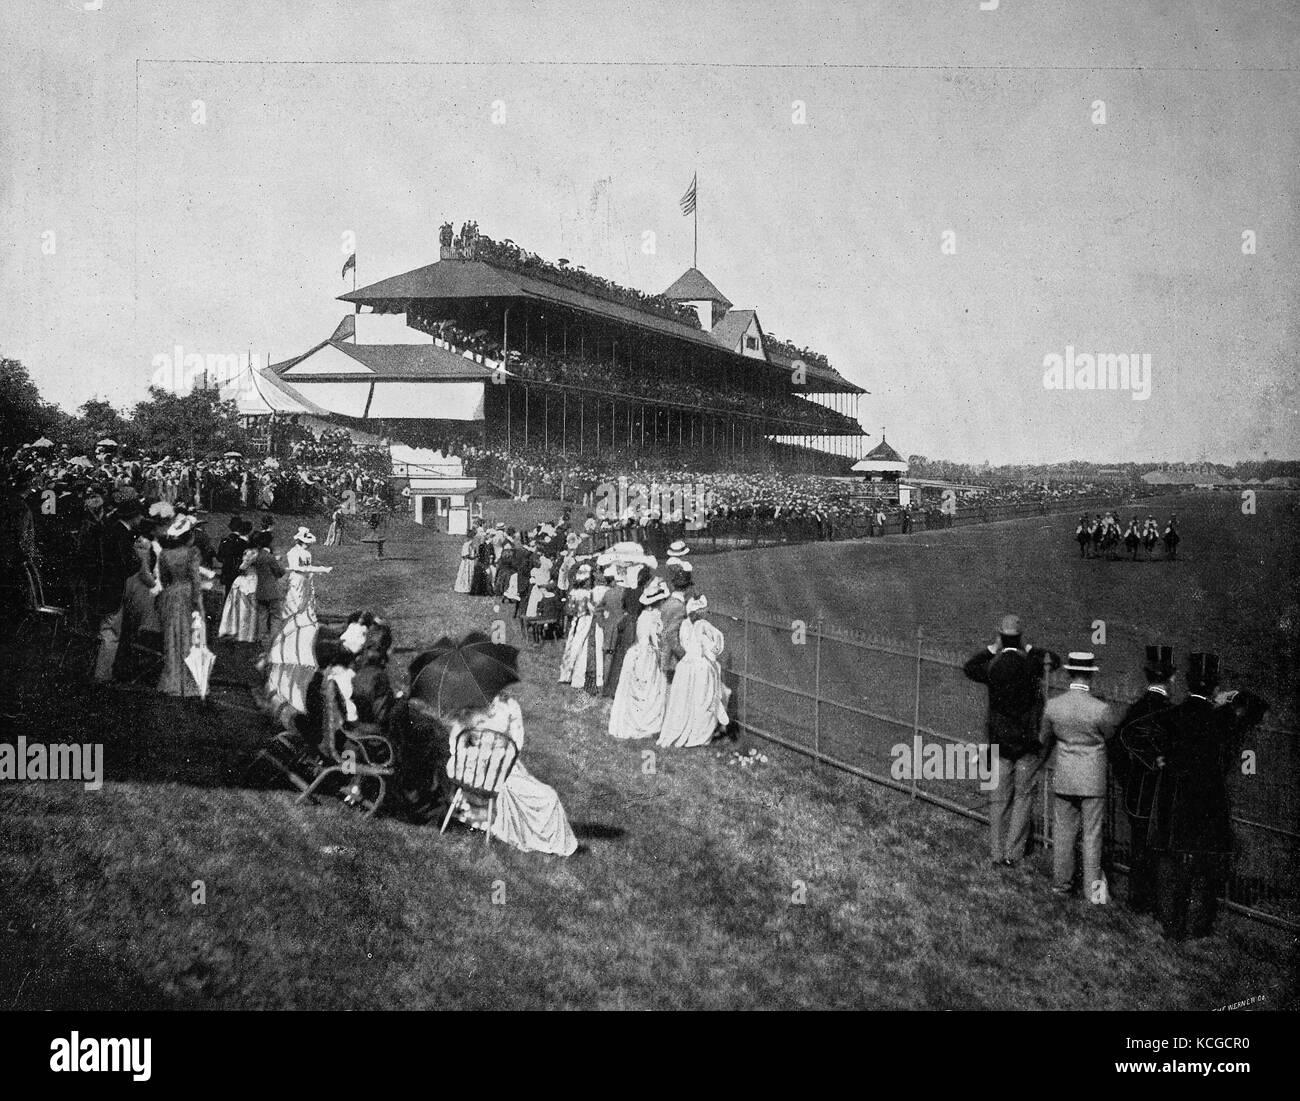 Stati Uniti d'America, corse di cavalli, Derby a Washington Park di Chicago, Stato di Illinois, digitale migliorata Immagini Stock